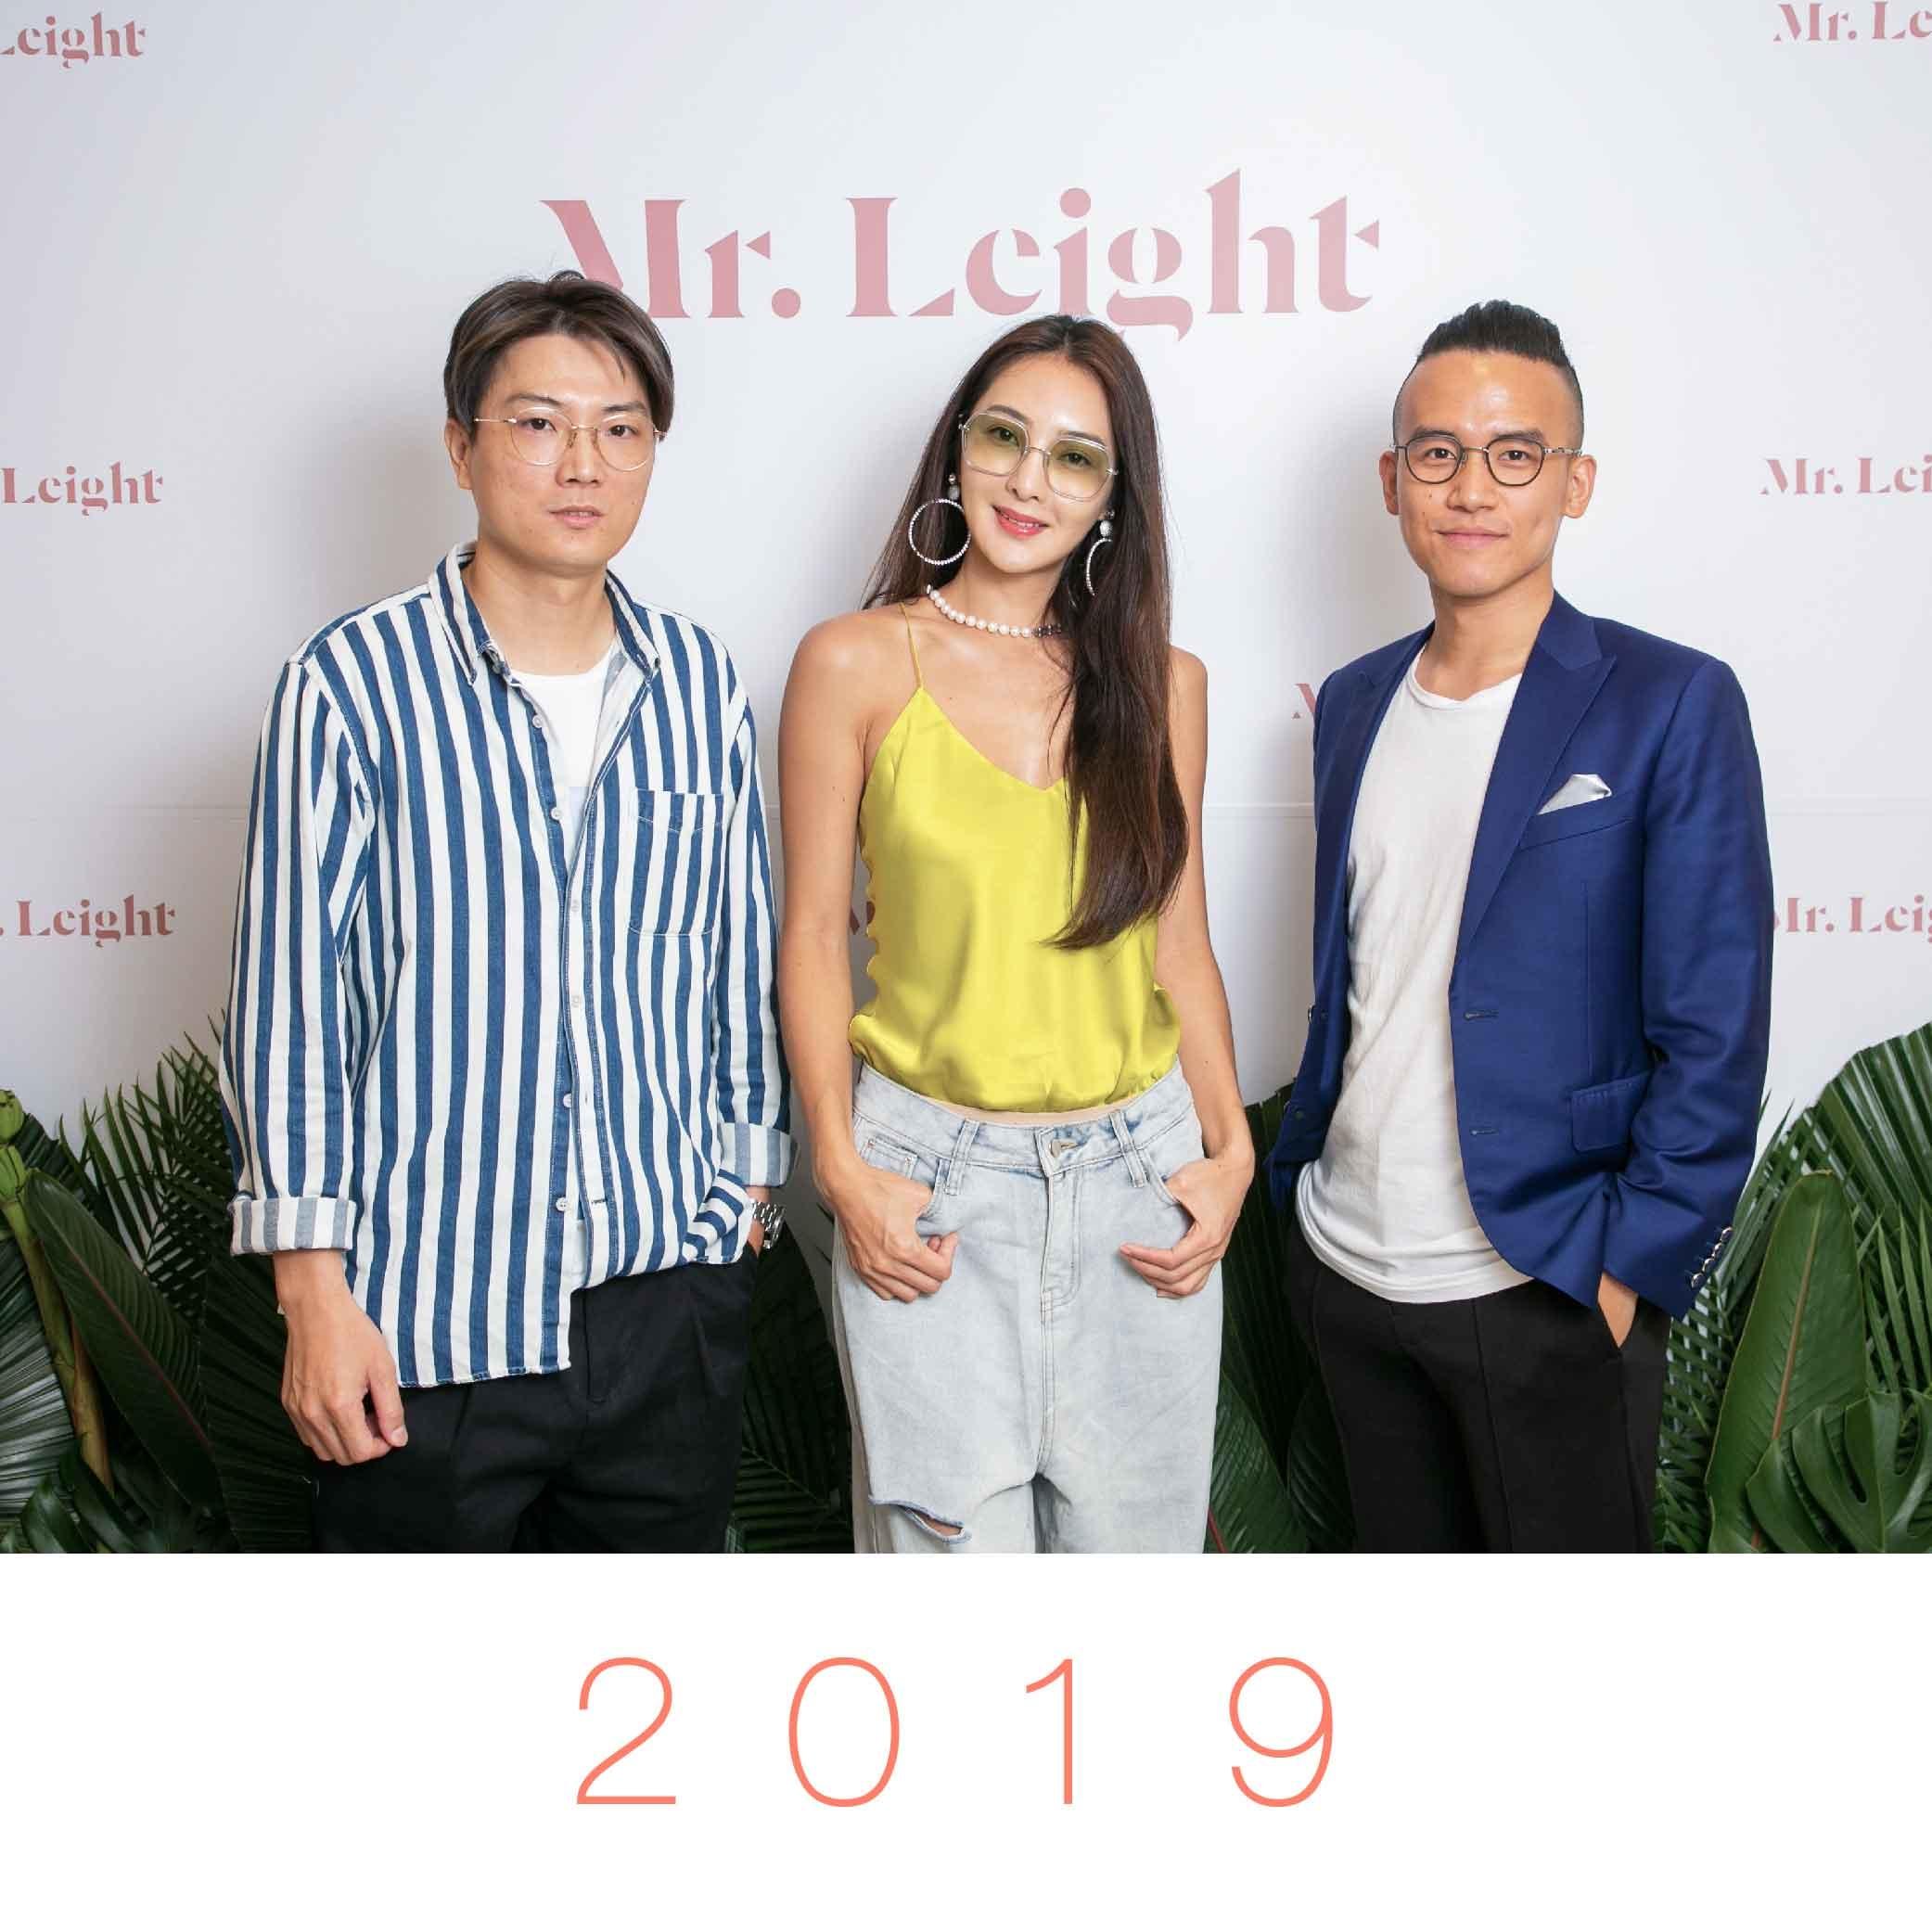 2019 Mr. Leight